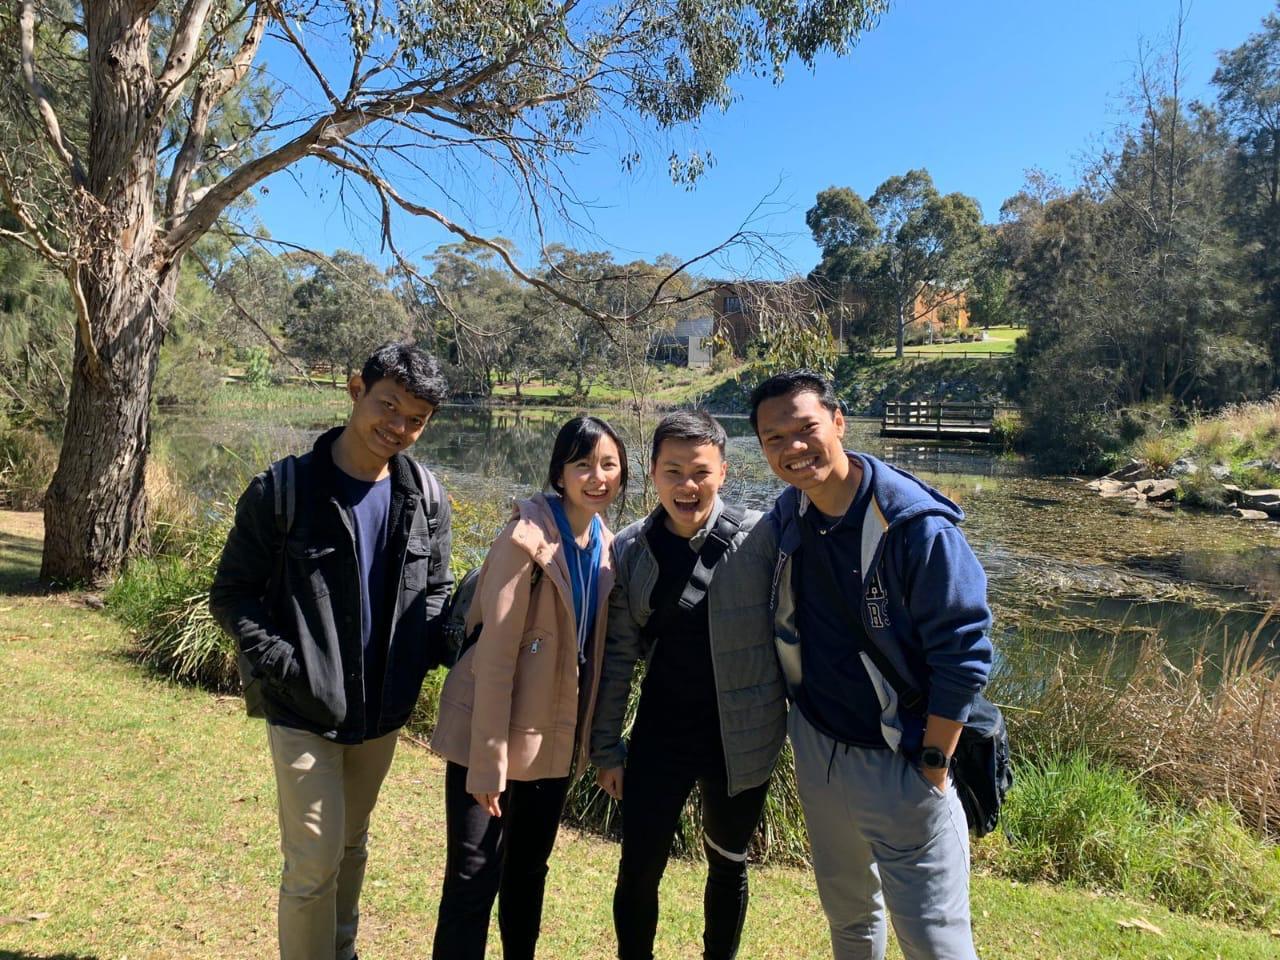 Beberapa peserta sedang berfoto di salah satu danau di belakang kampus Monash